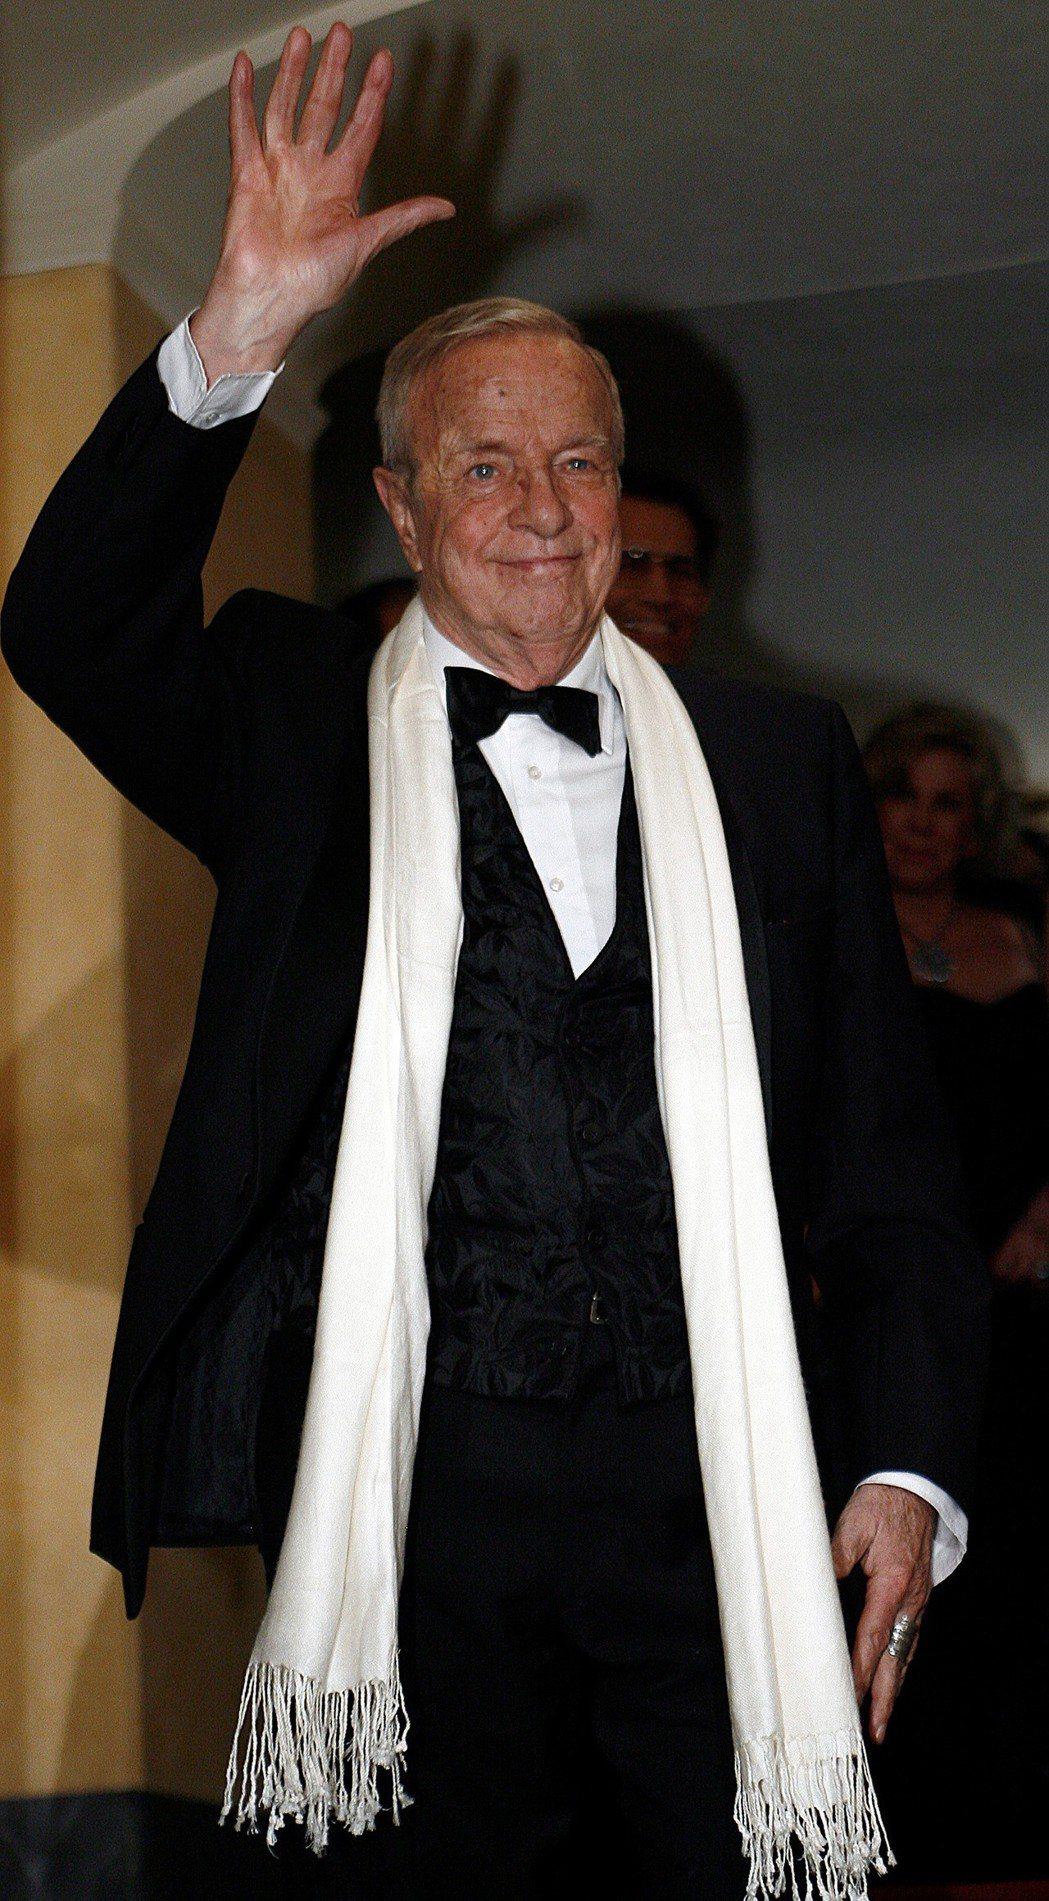 義大利著名導演法蘭柯柴菲萊利去世,享壽96歲。(路透)